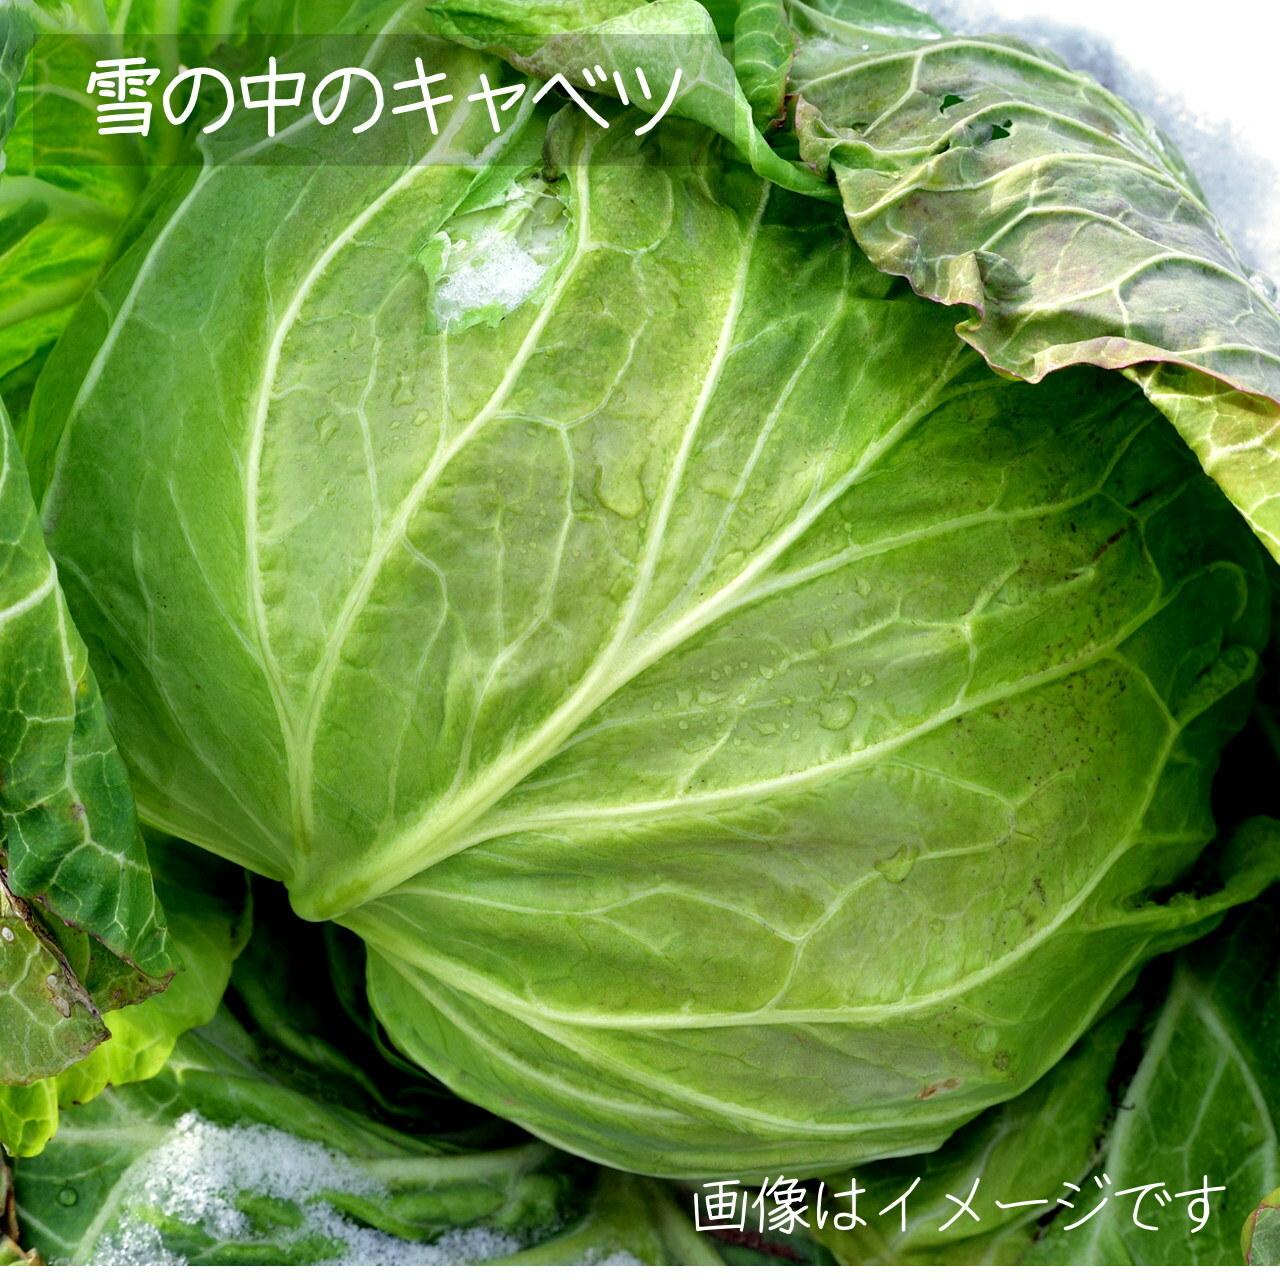 新鮮な秋野菜 : キャベツ 1個 10月の朝採り直売野菜  10月24日発送予定